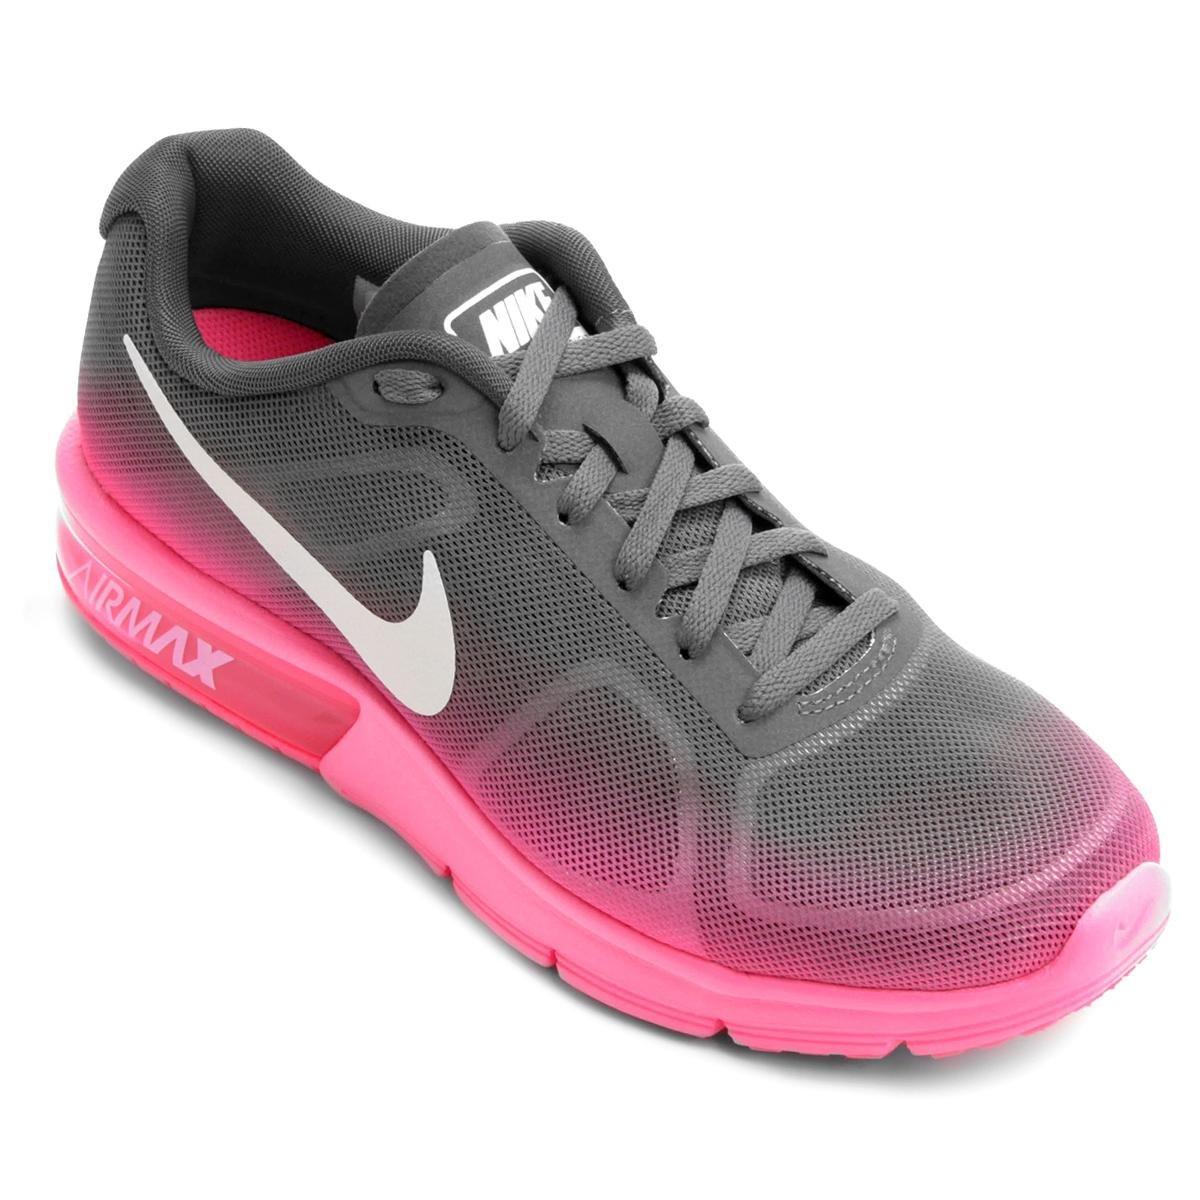 T 234 Nis Nike Air Max Sequent Feminino Shop Tim 227 O